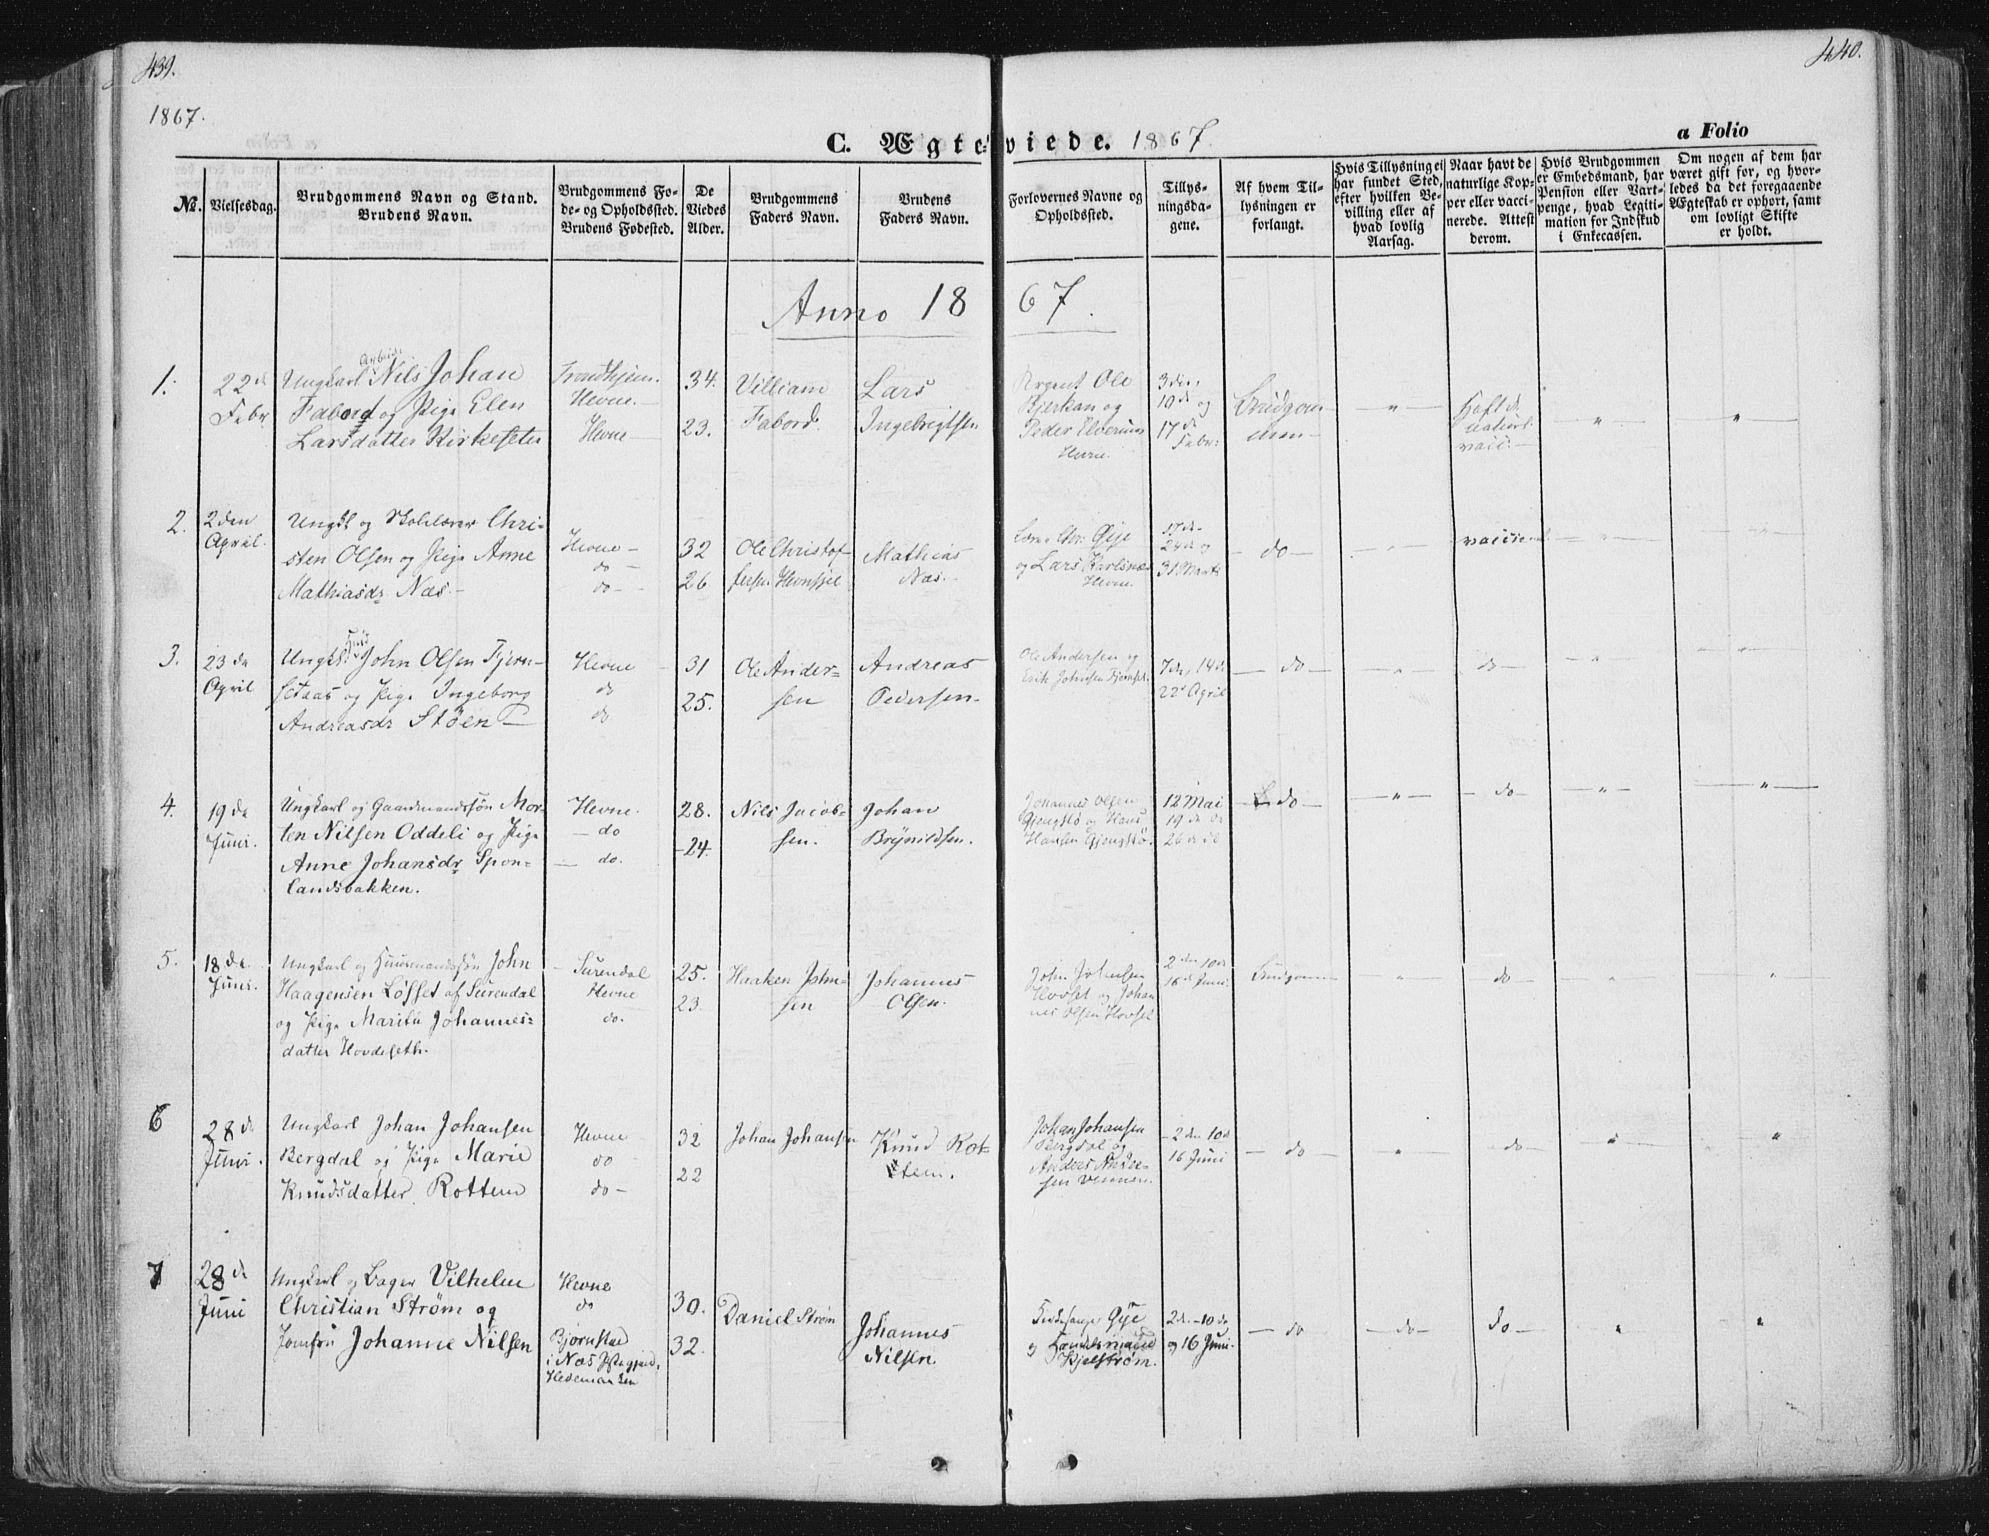 SAT, Ministerialprotokoller, klokkerbøker og fødselsregistre - Sør-Trøndelag, 630/L0494: Ministerialbok nr. 630A07, 1852-1868, s. 439-440